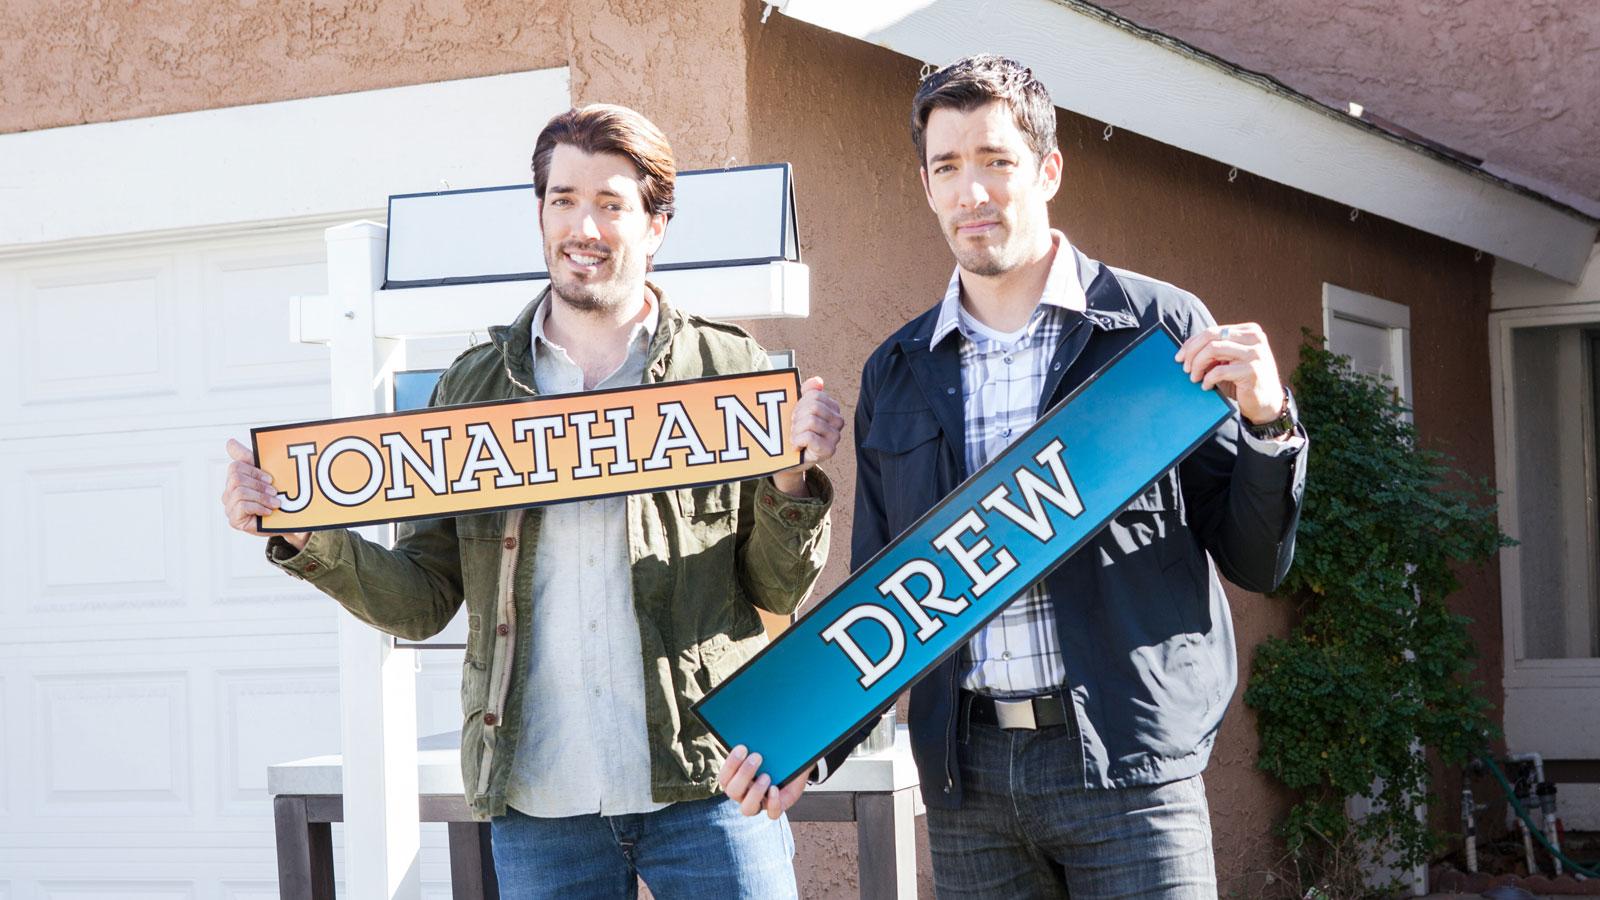 Entrevistamos A Jonathan Y Drew Scott Los Gemelos Más Famosos De La